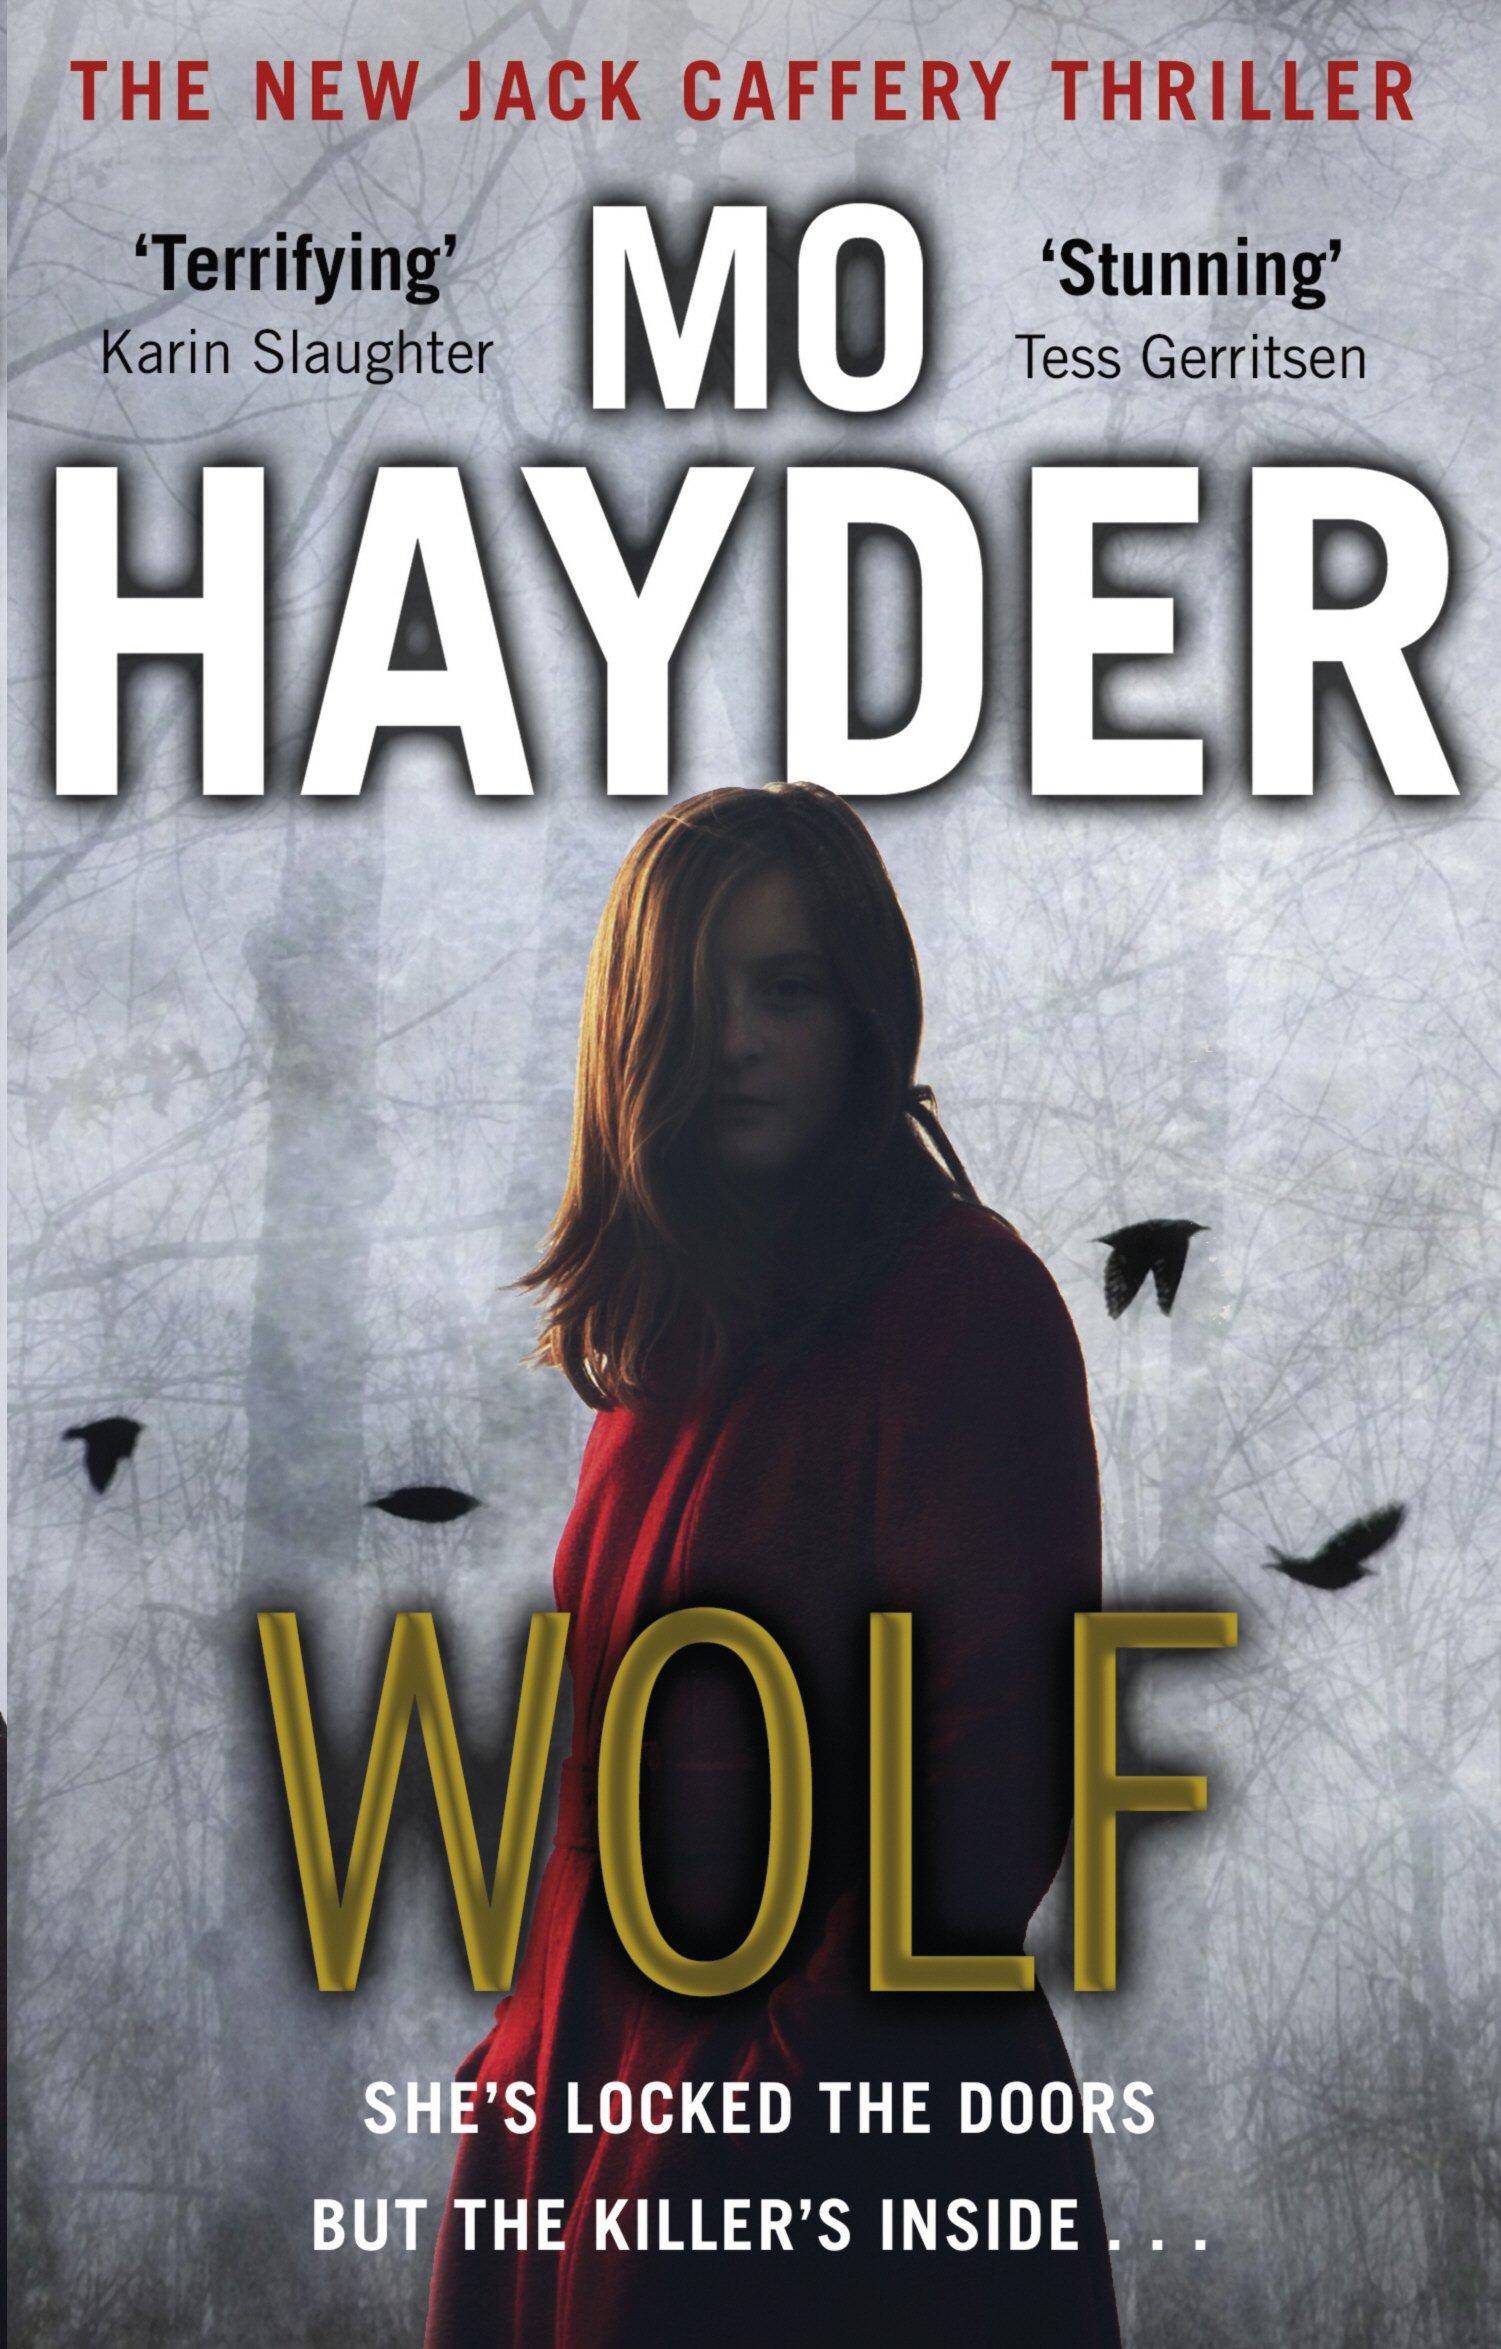 lavpris flere billeder få nye Wolf: Jack Caffery series 7: Amazon.co.uk: Mo Hayder ...